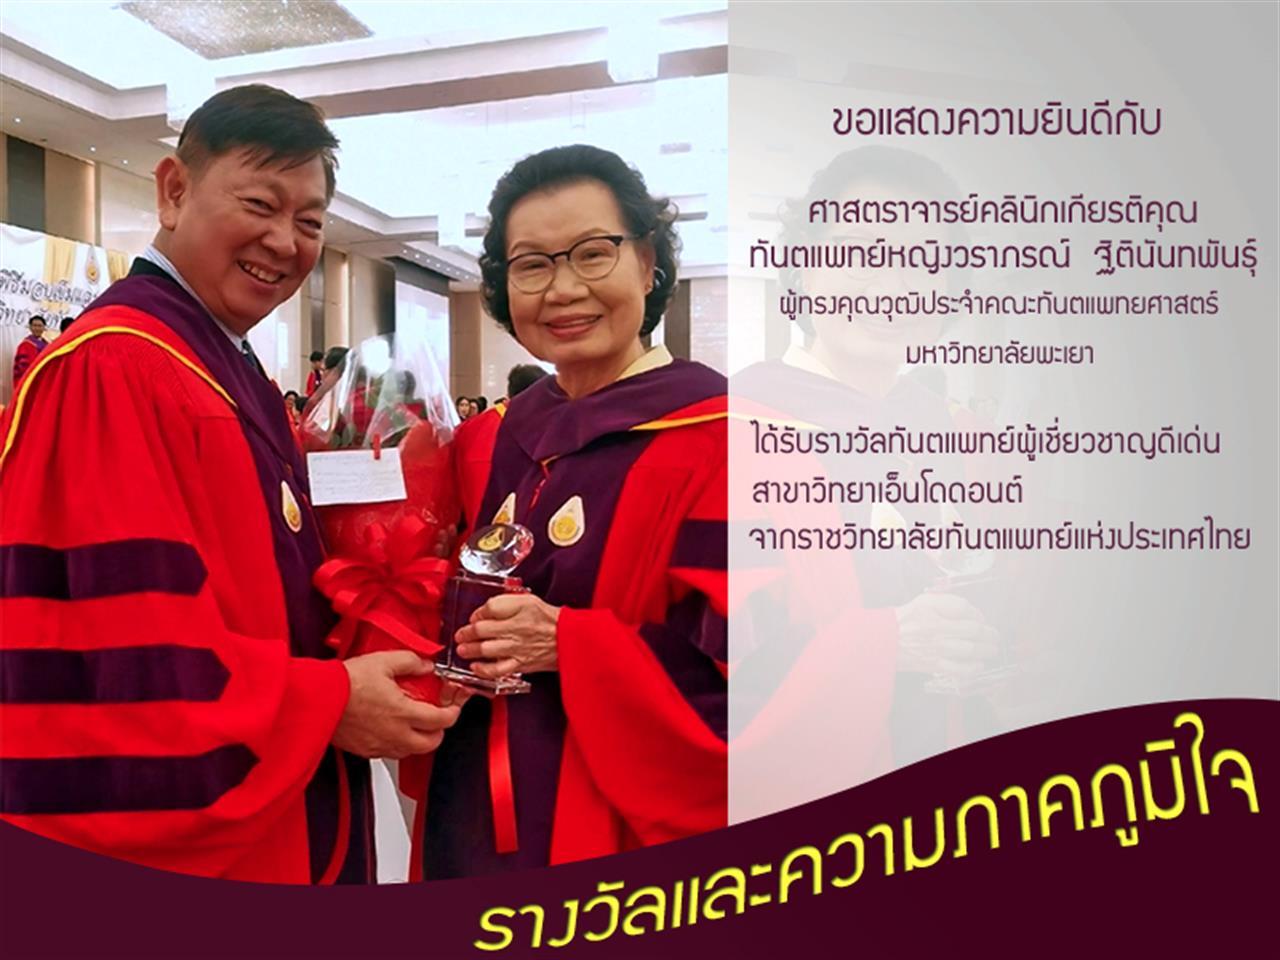 ผู้ทรงคุณวุฒิประจำคณะทันตแพทยศาสตร์ ได้รับรางวัลทันตแพทย์ผู้เชี่ยวชาญดีเด่น จากราชวิทยาลัยทันตแพทย์แห่งประเทศไทย